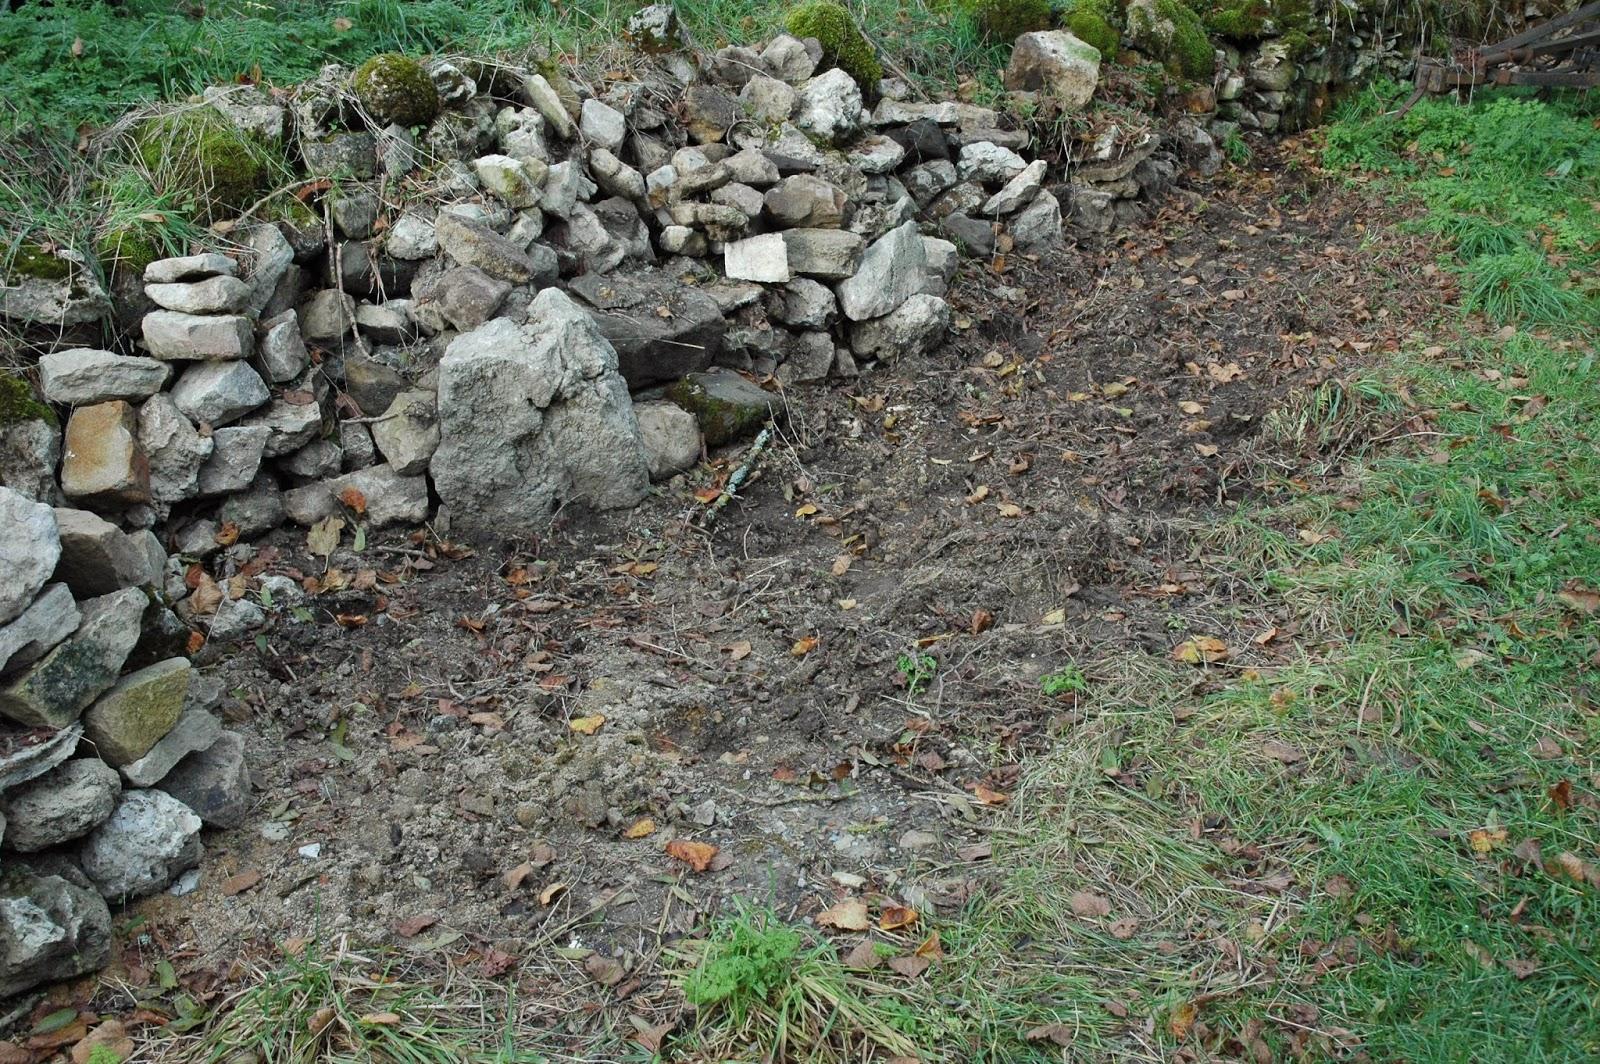 grosses pierres pour jardin elegant les pierres sont un moyen facile de faire une magnifique. Black Bedroom Furniture Sets. Home Design Ideas